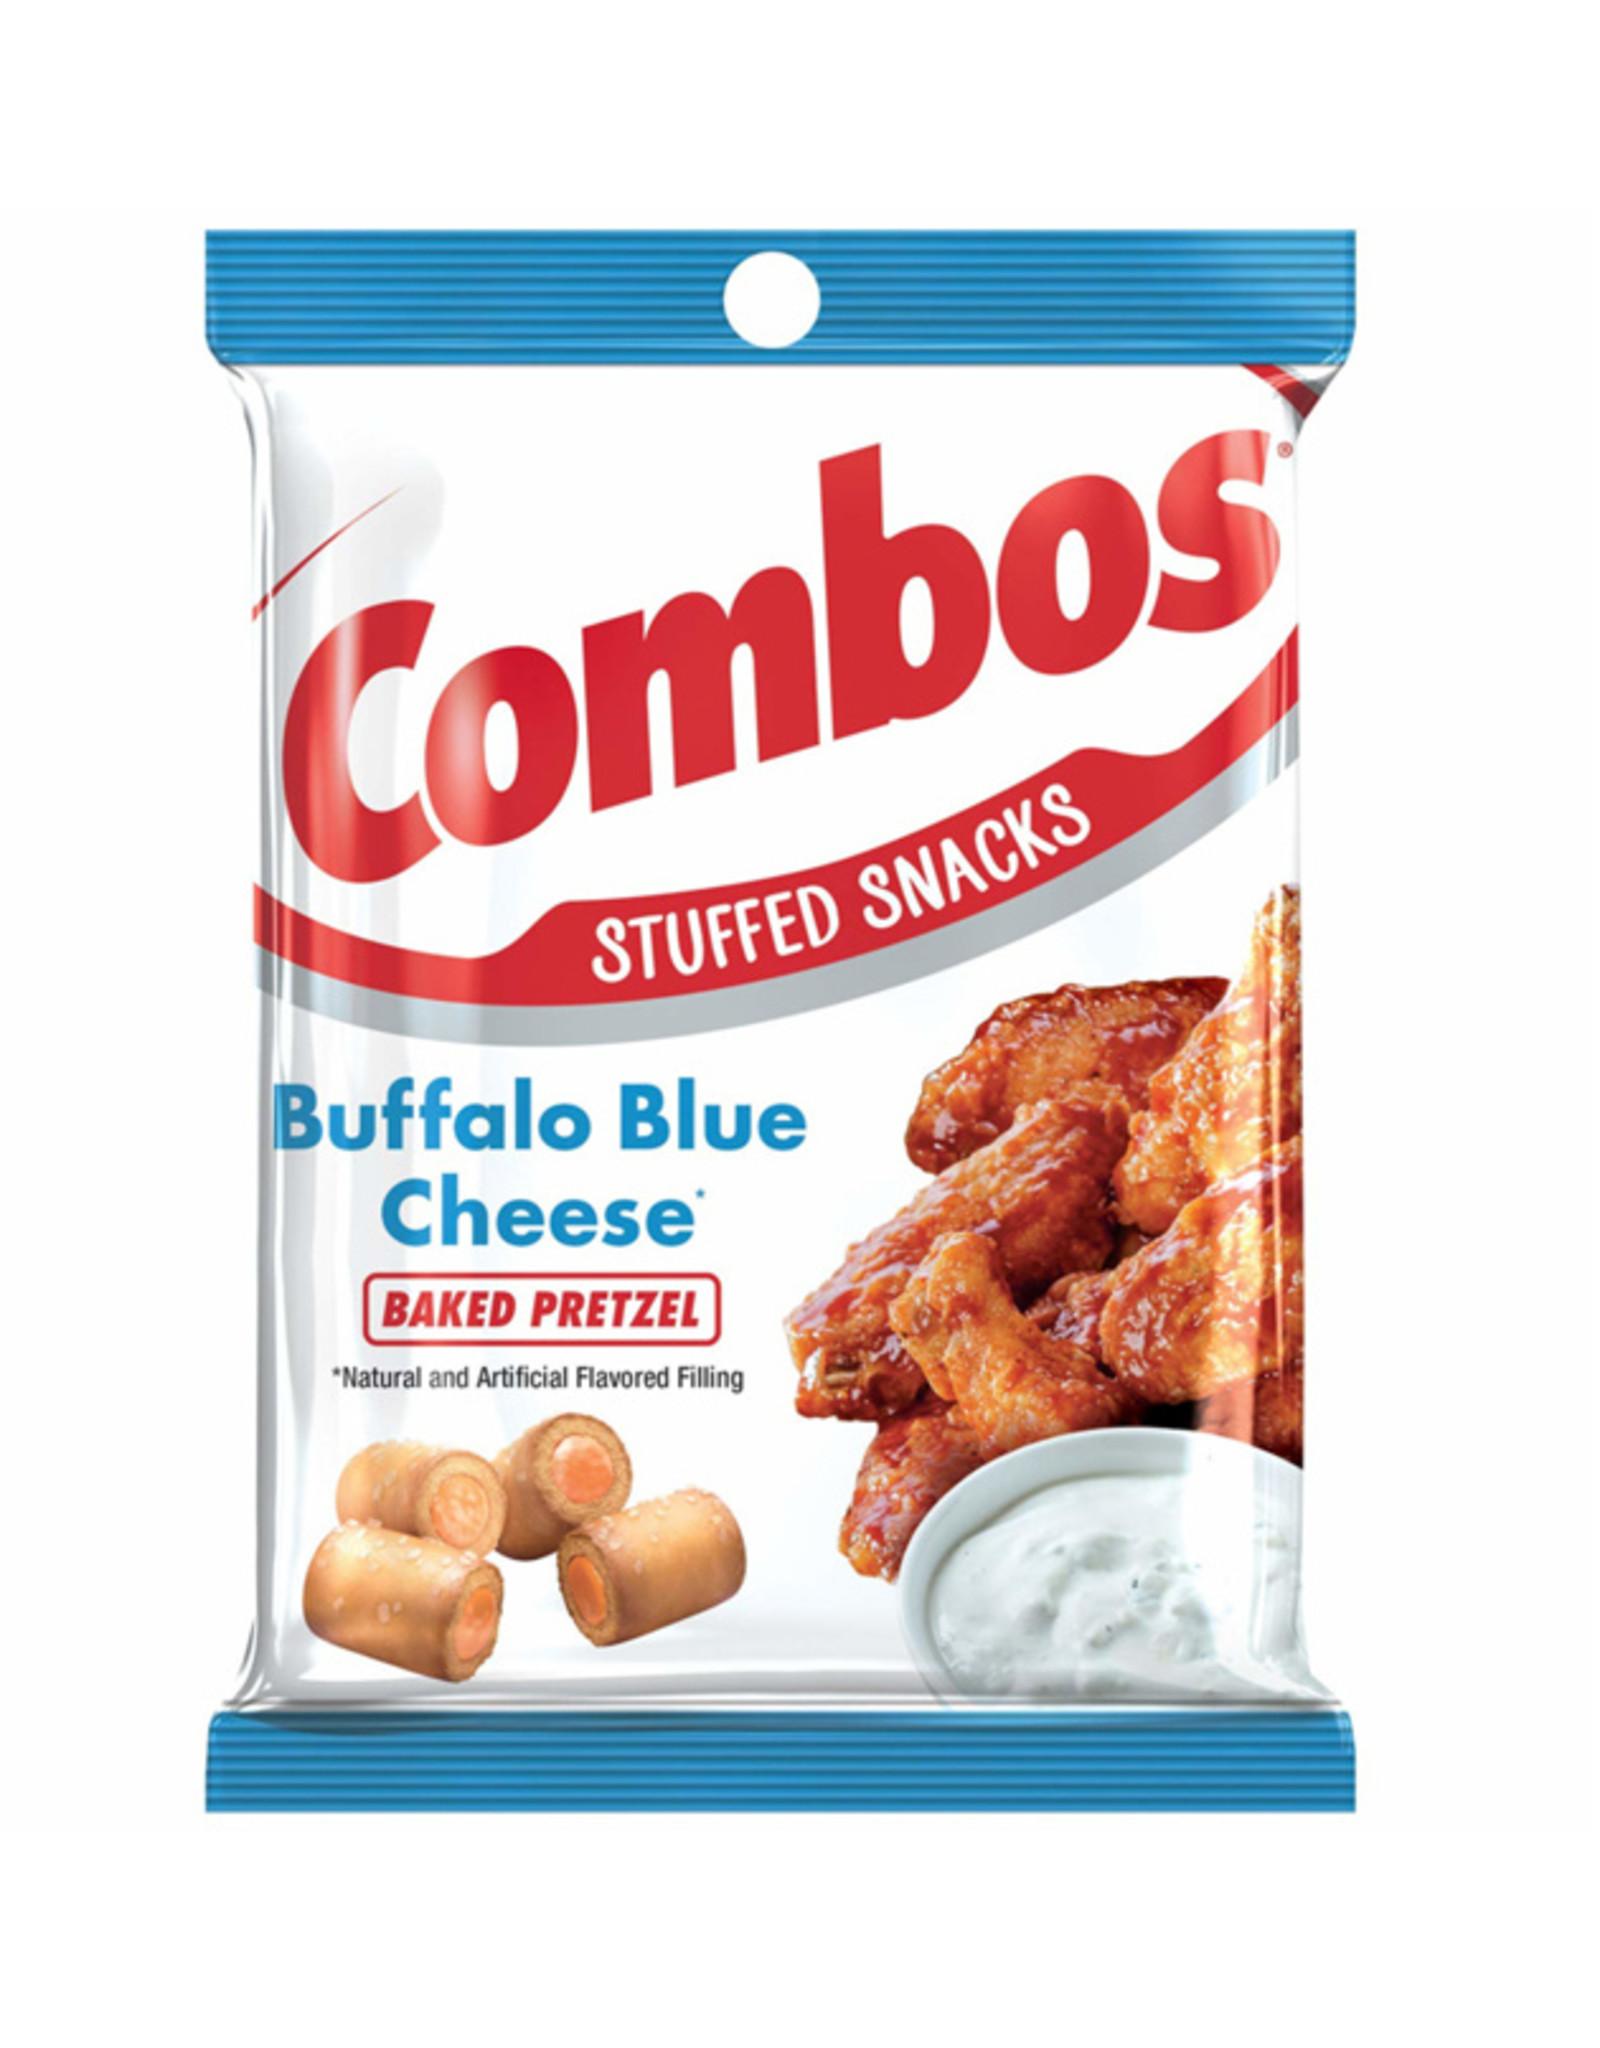 Combos Buffalo Blue Cheese - Baked Pretzel - 178.6g